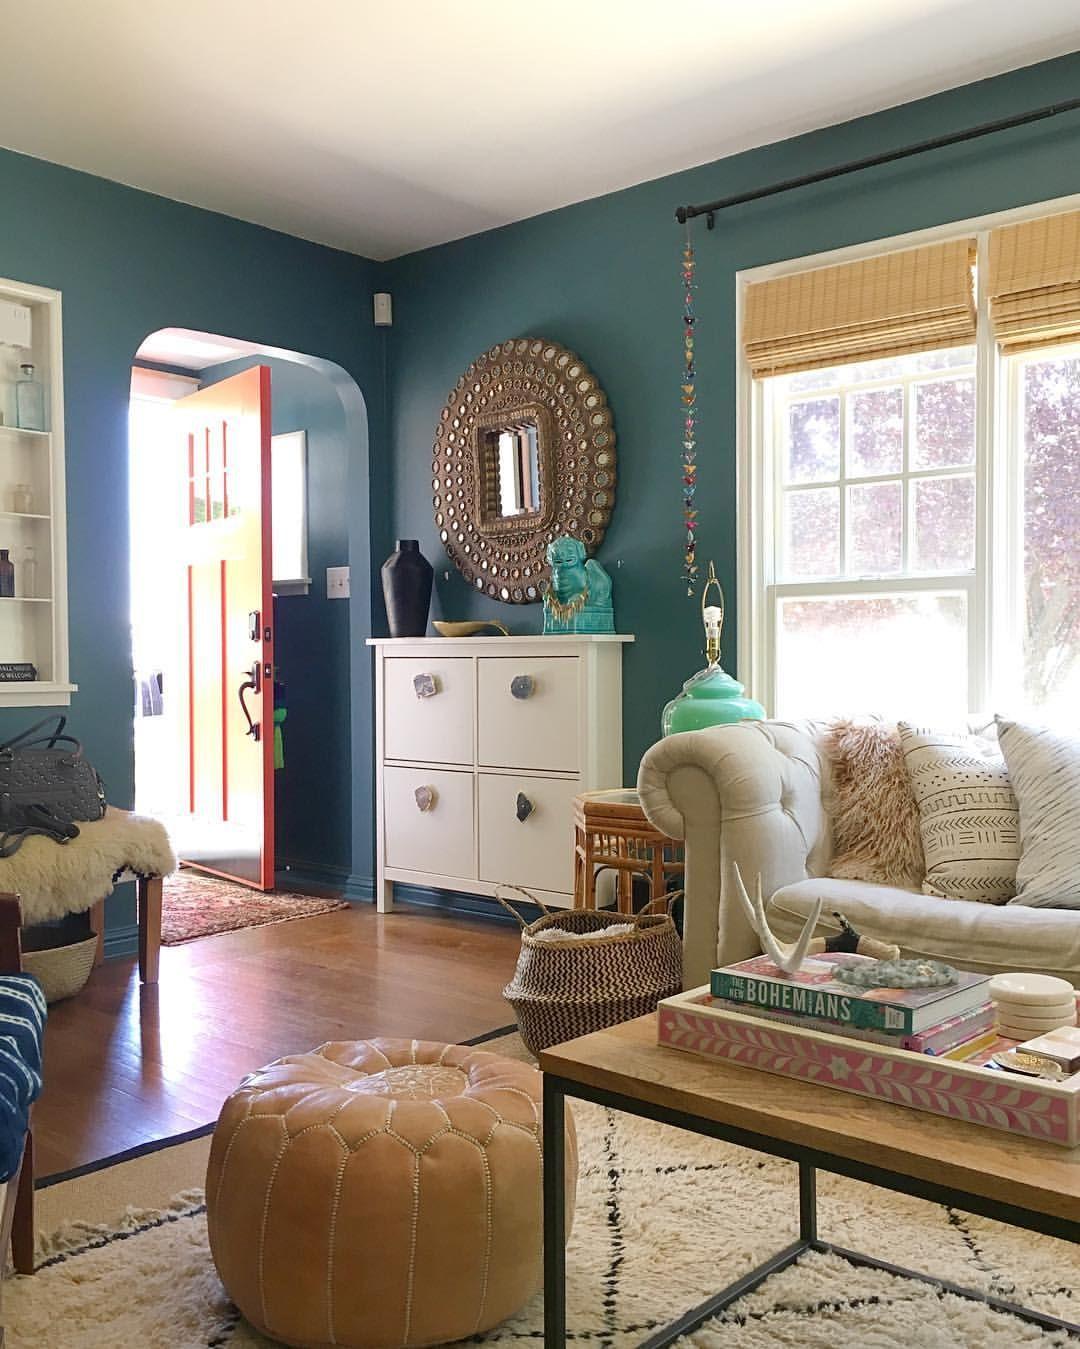 Innenarchitektur wohnzimmerfarbe teal walls  boho layers  future home ideas  pinterest